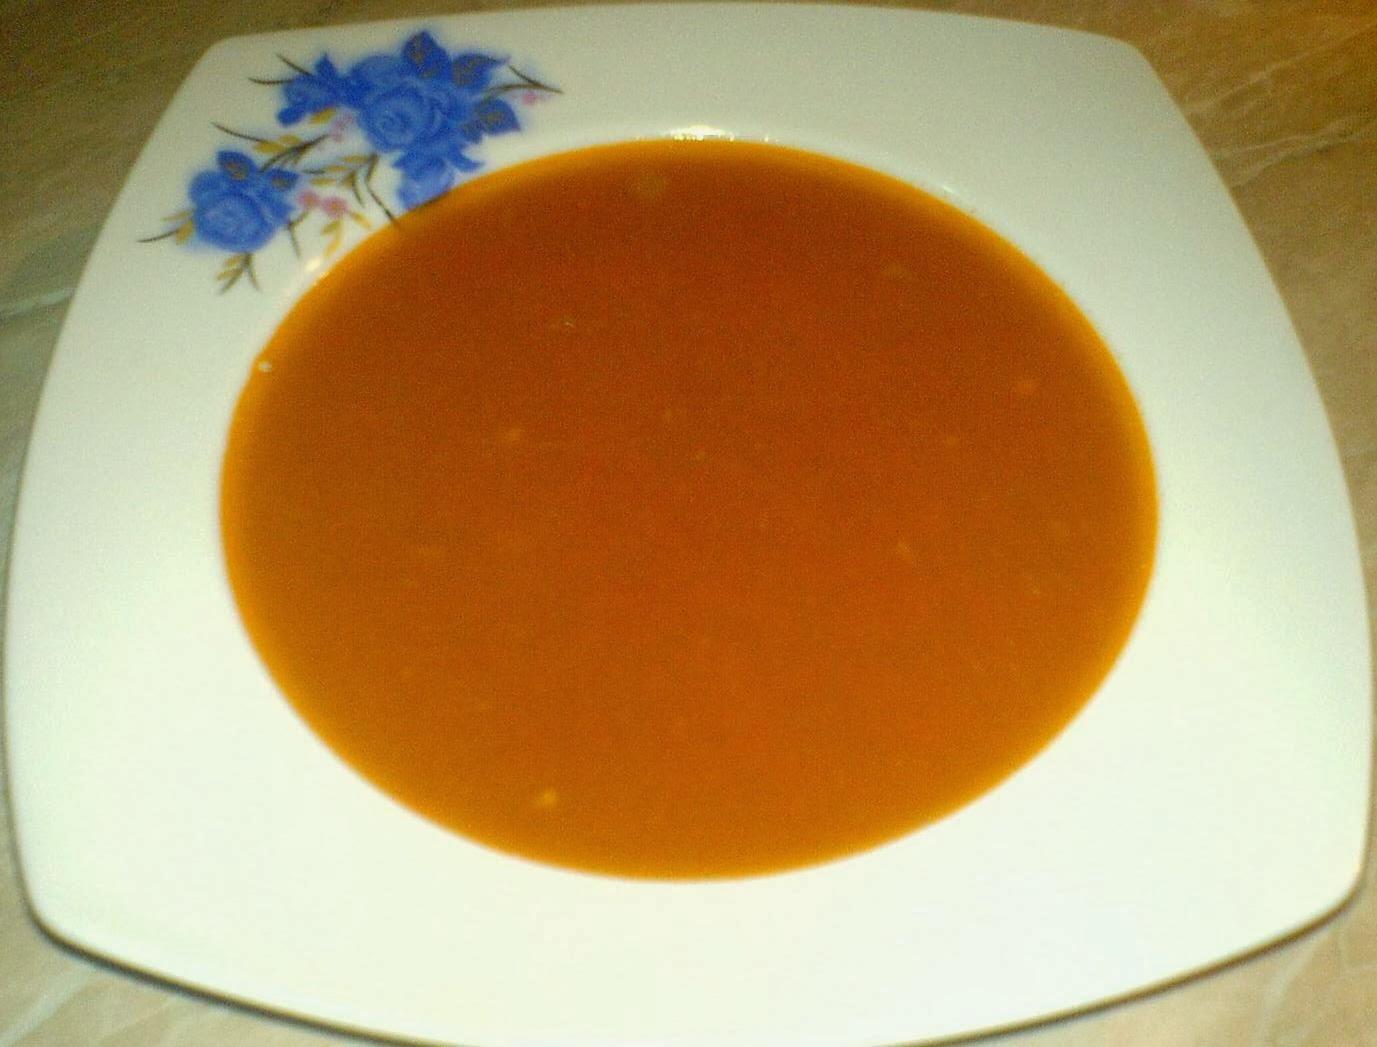 retete de mancare, retete de post, supa de fasole, retete culinare, retete cu fasole